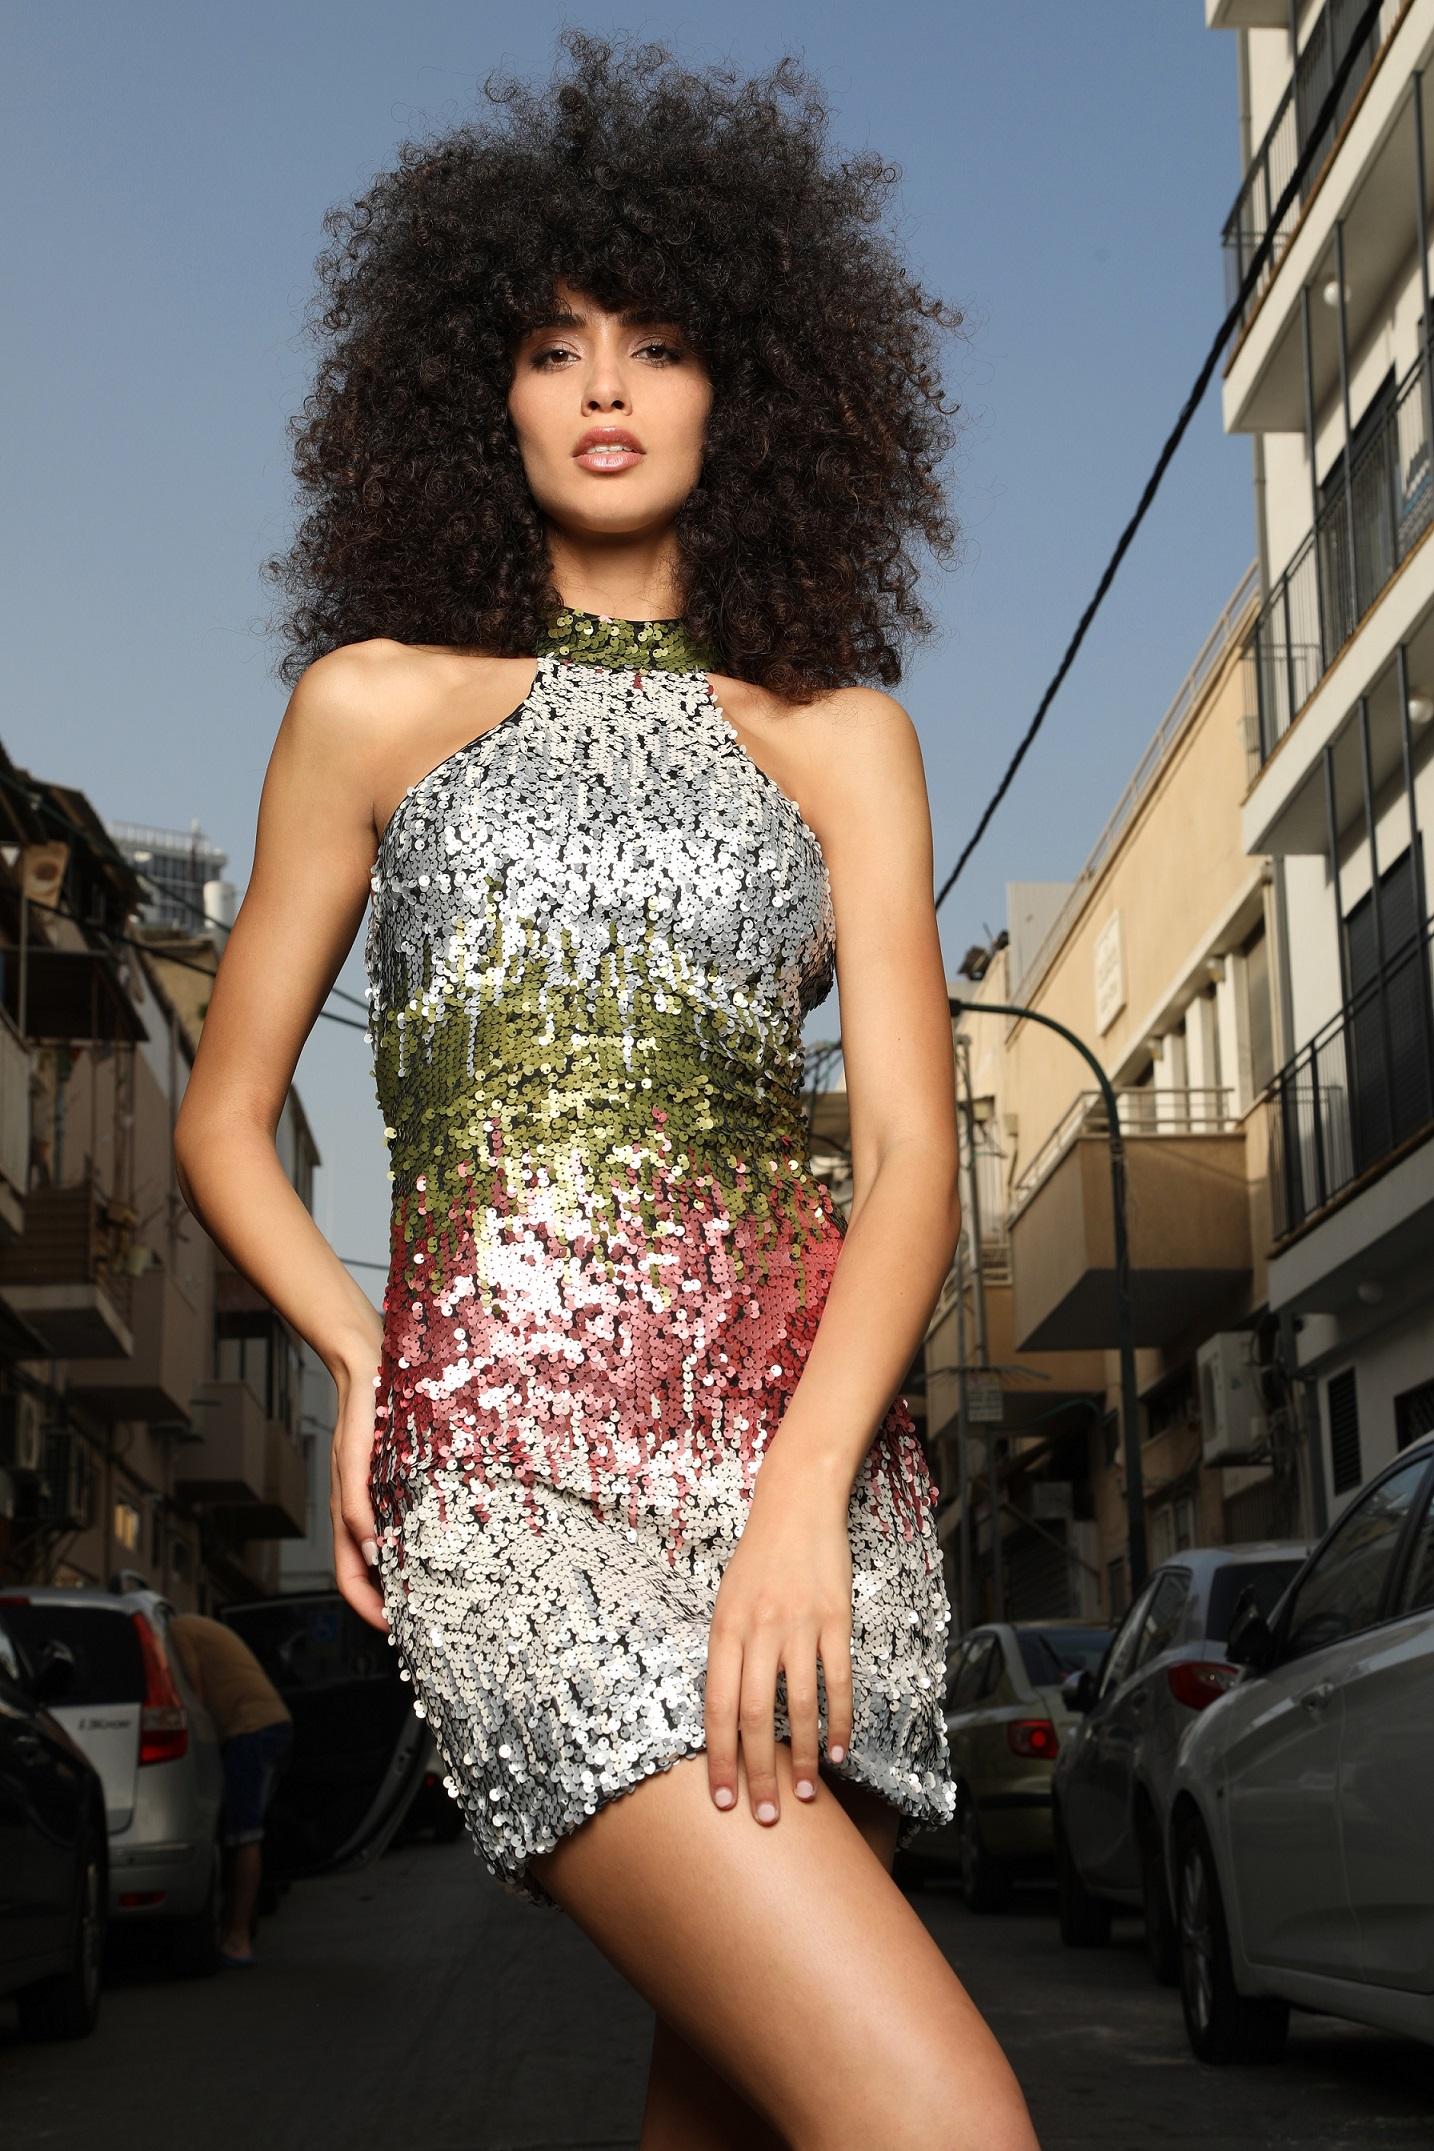 שמלת פרום מבית המותג הישראלי Isabella Marci, 33 שח, להשיג בדיזינגוף 94 תל אביב ובבוטיקים נבחרים, צלם רפאל מזרחי (3)